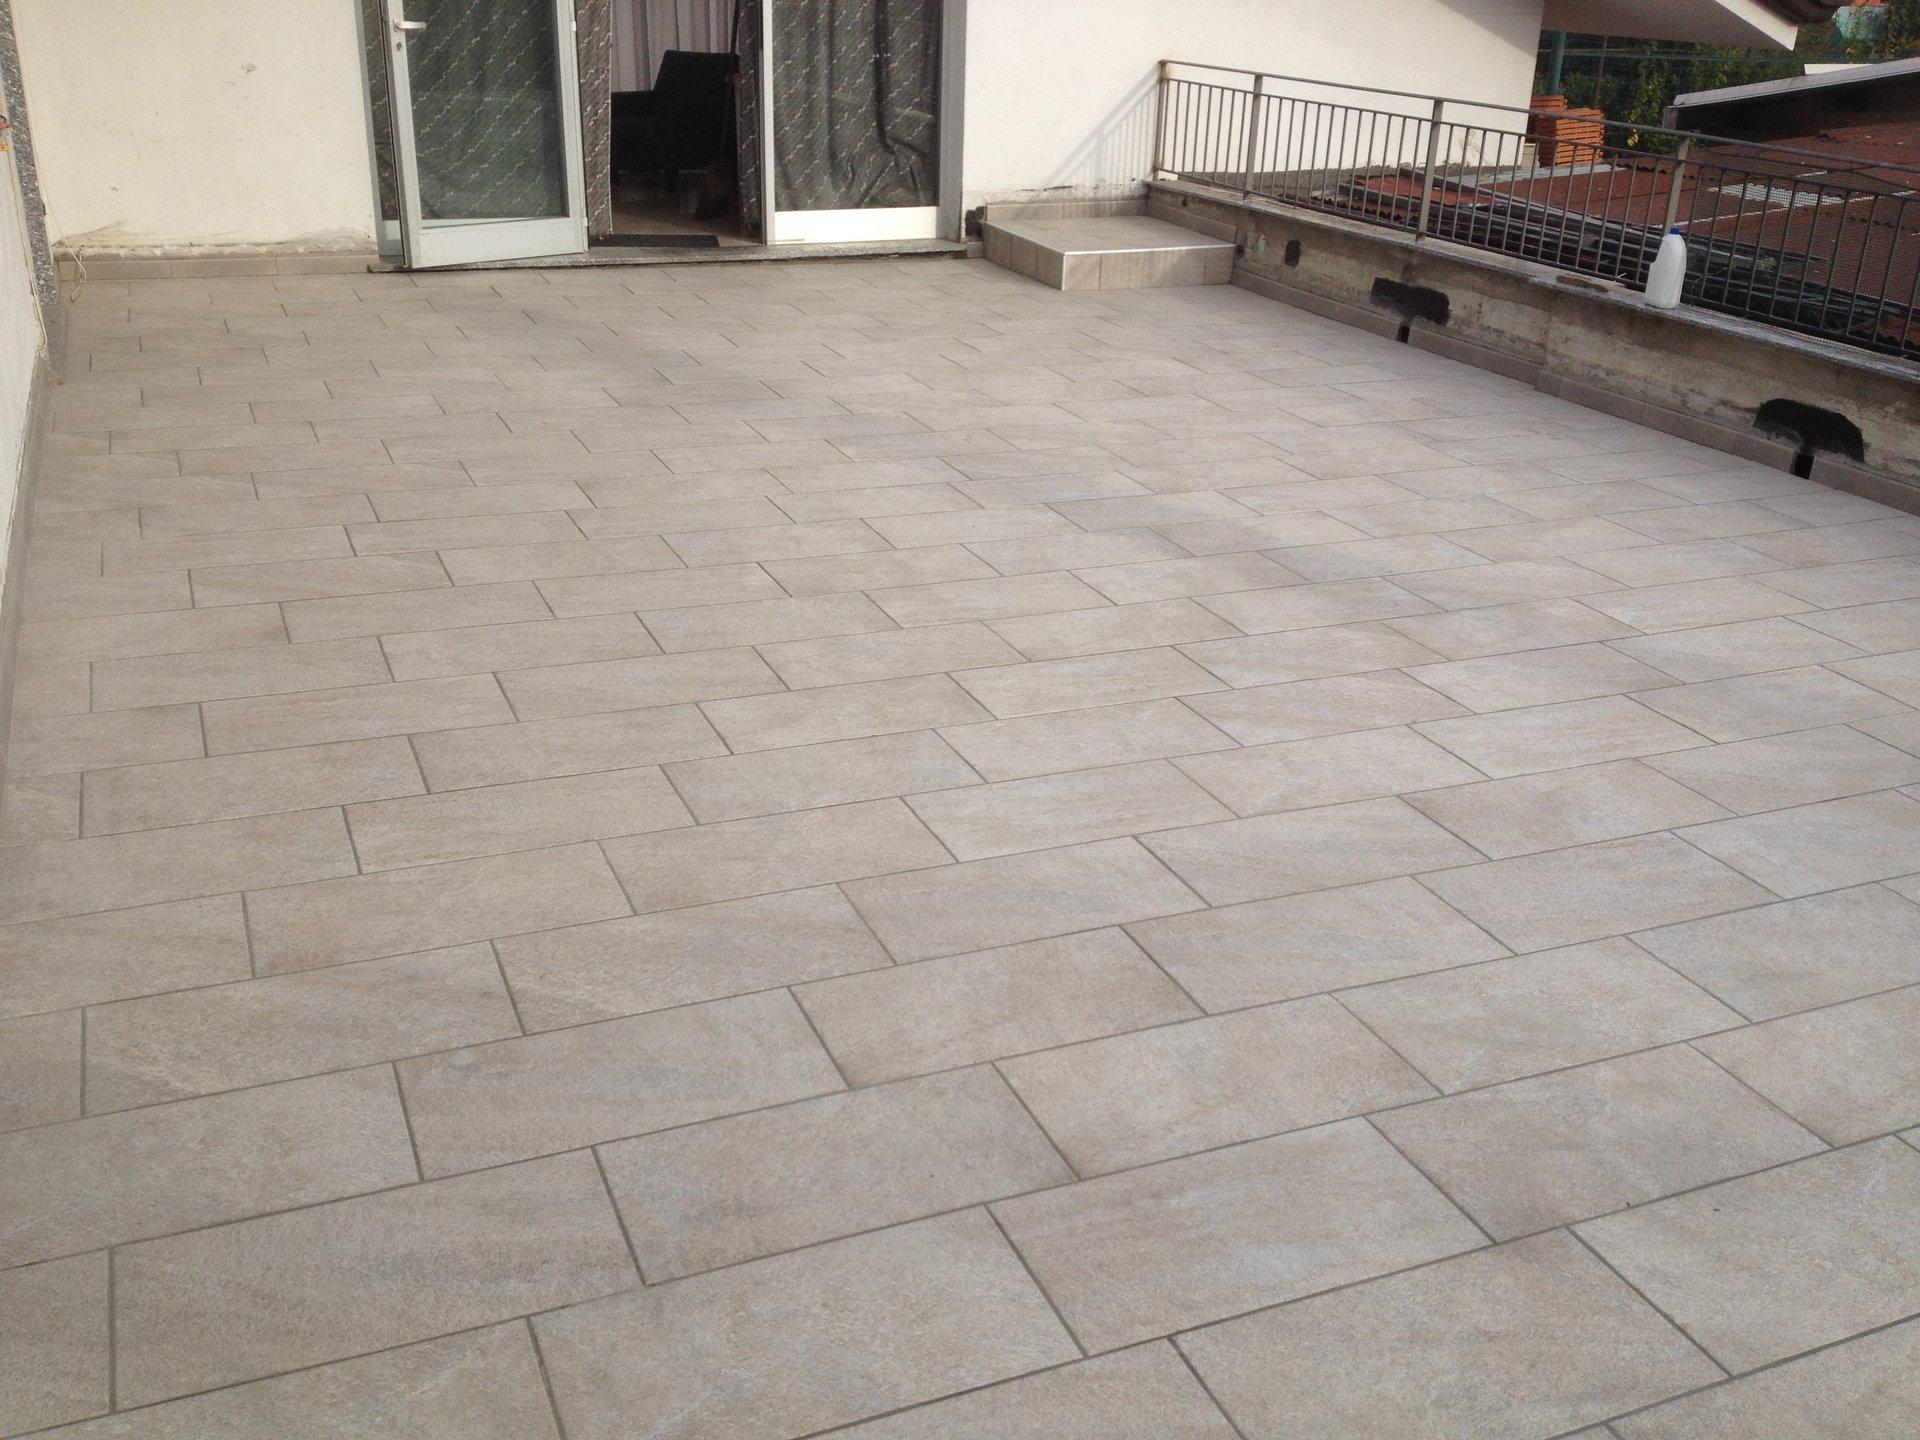 pavimentazione nuova di un terrazzo